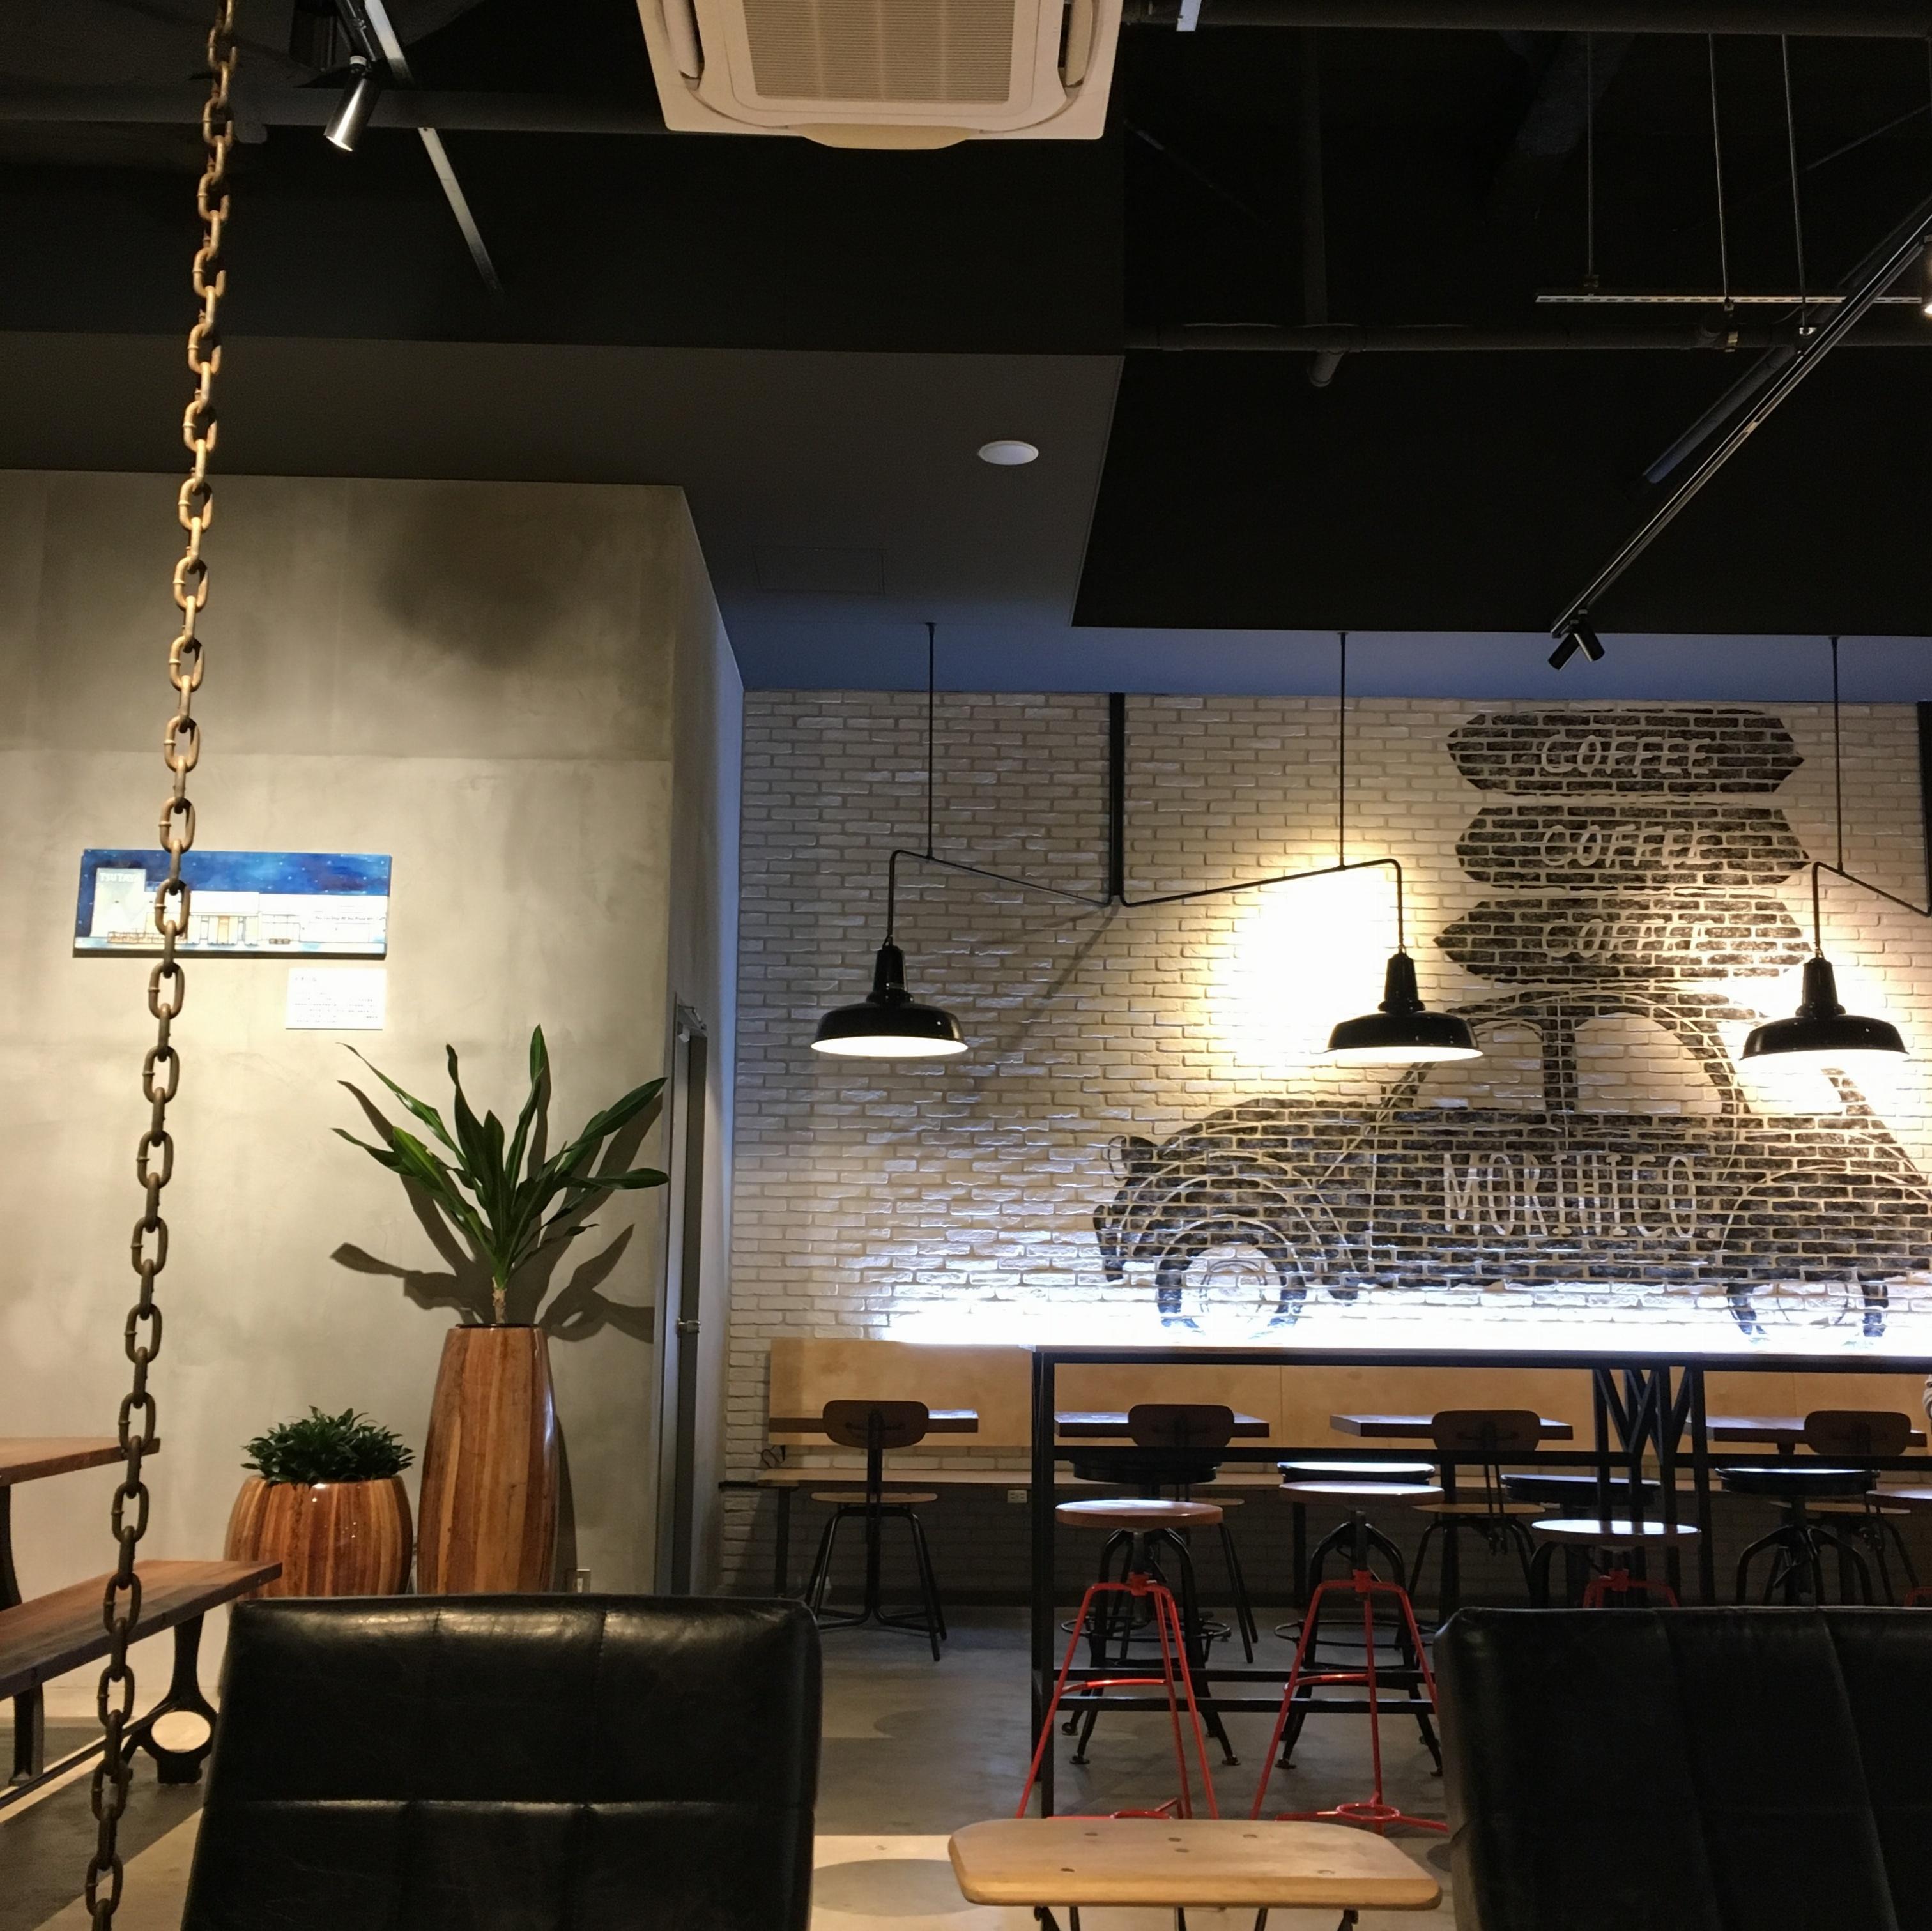 北国だからこそ味わえる♡北海道のコーヒーといえば【MORIHICO Coffe】でこだわりの一杯を♡_1